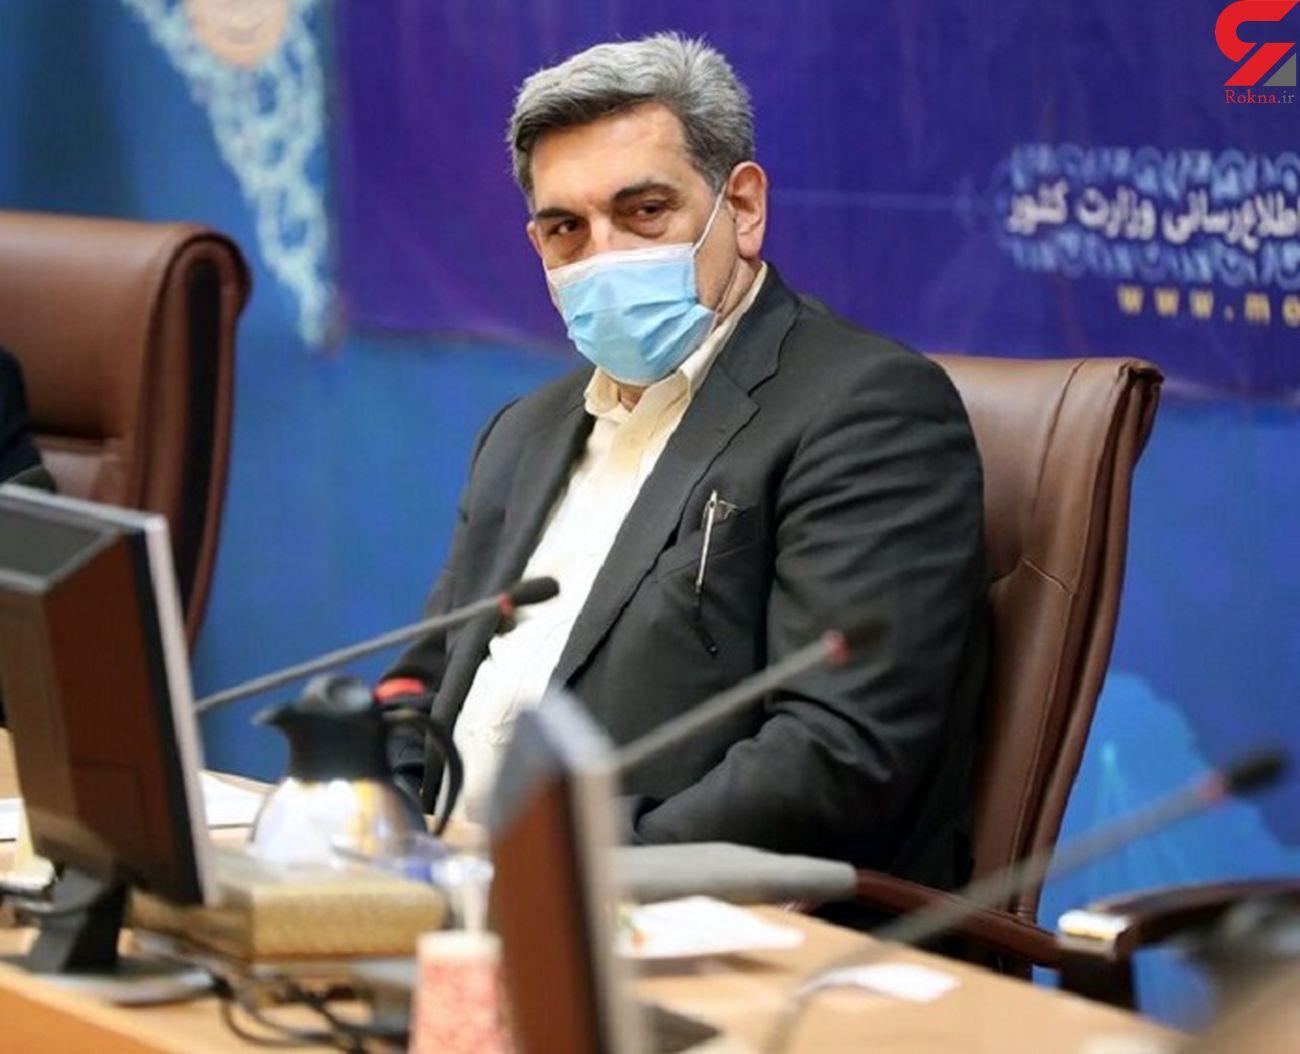 پیام تسلیت شهردار تهران درپی درگذشت مادر وزیر سابق بهداشت